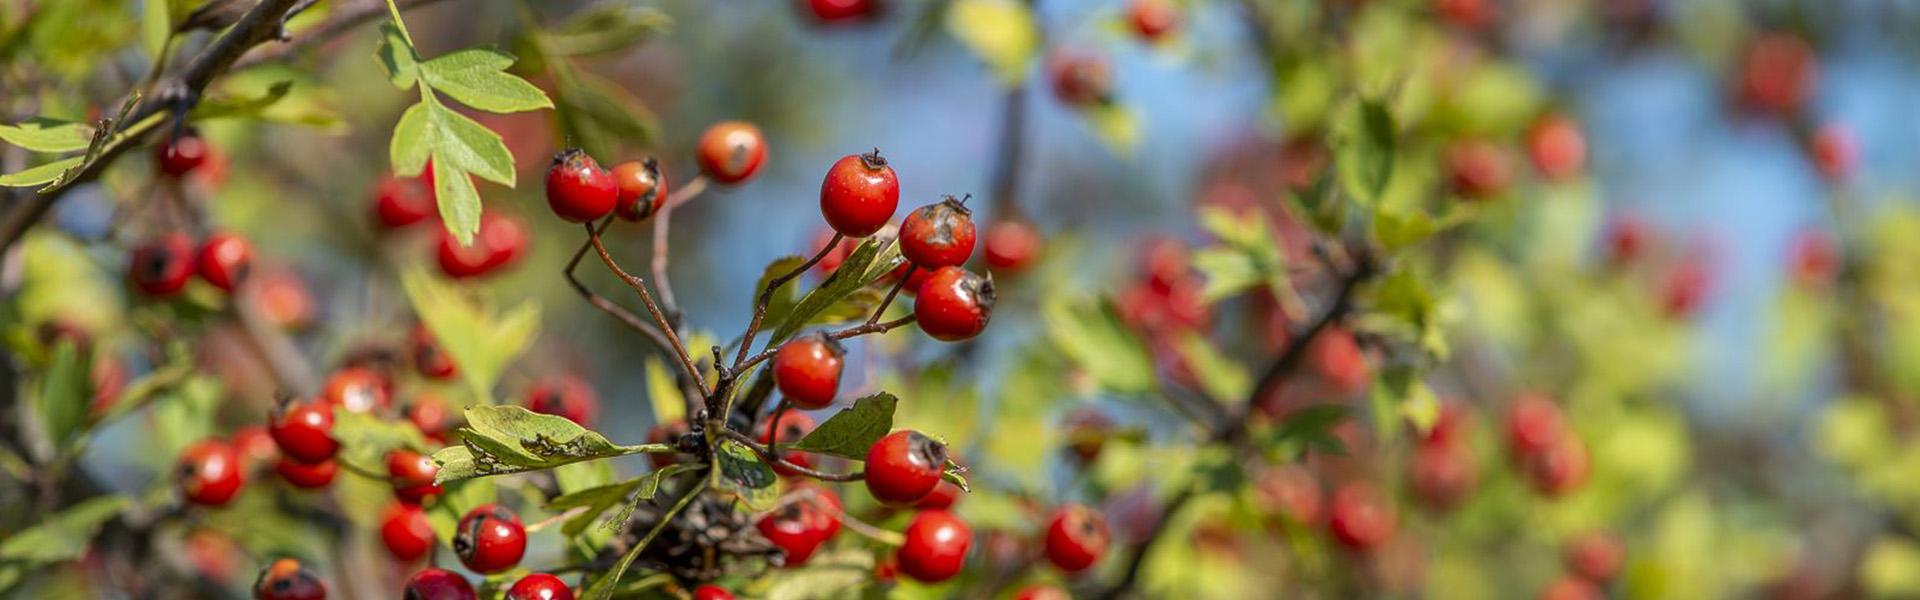 Őszi erdő gyümölcsei a Pilisi Parkerdőben